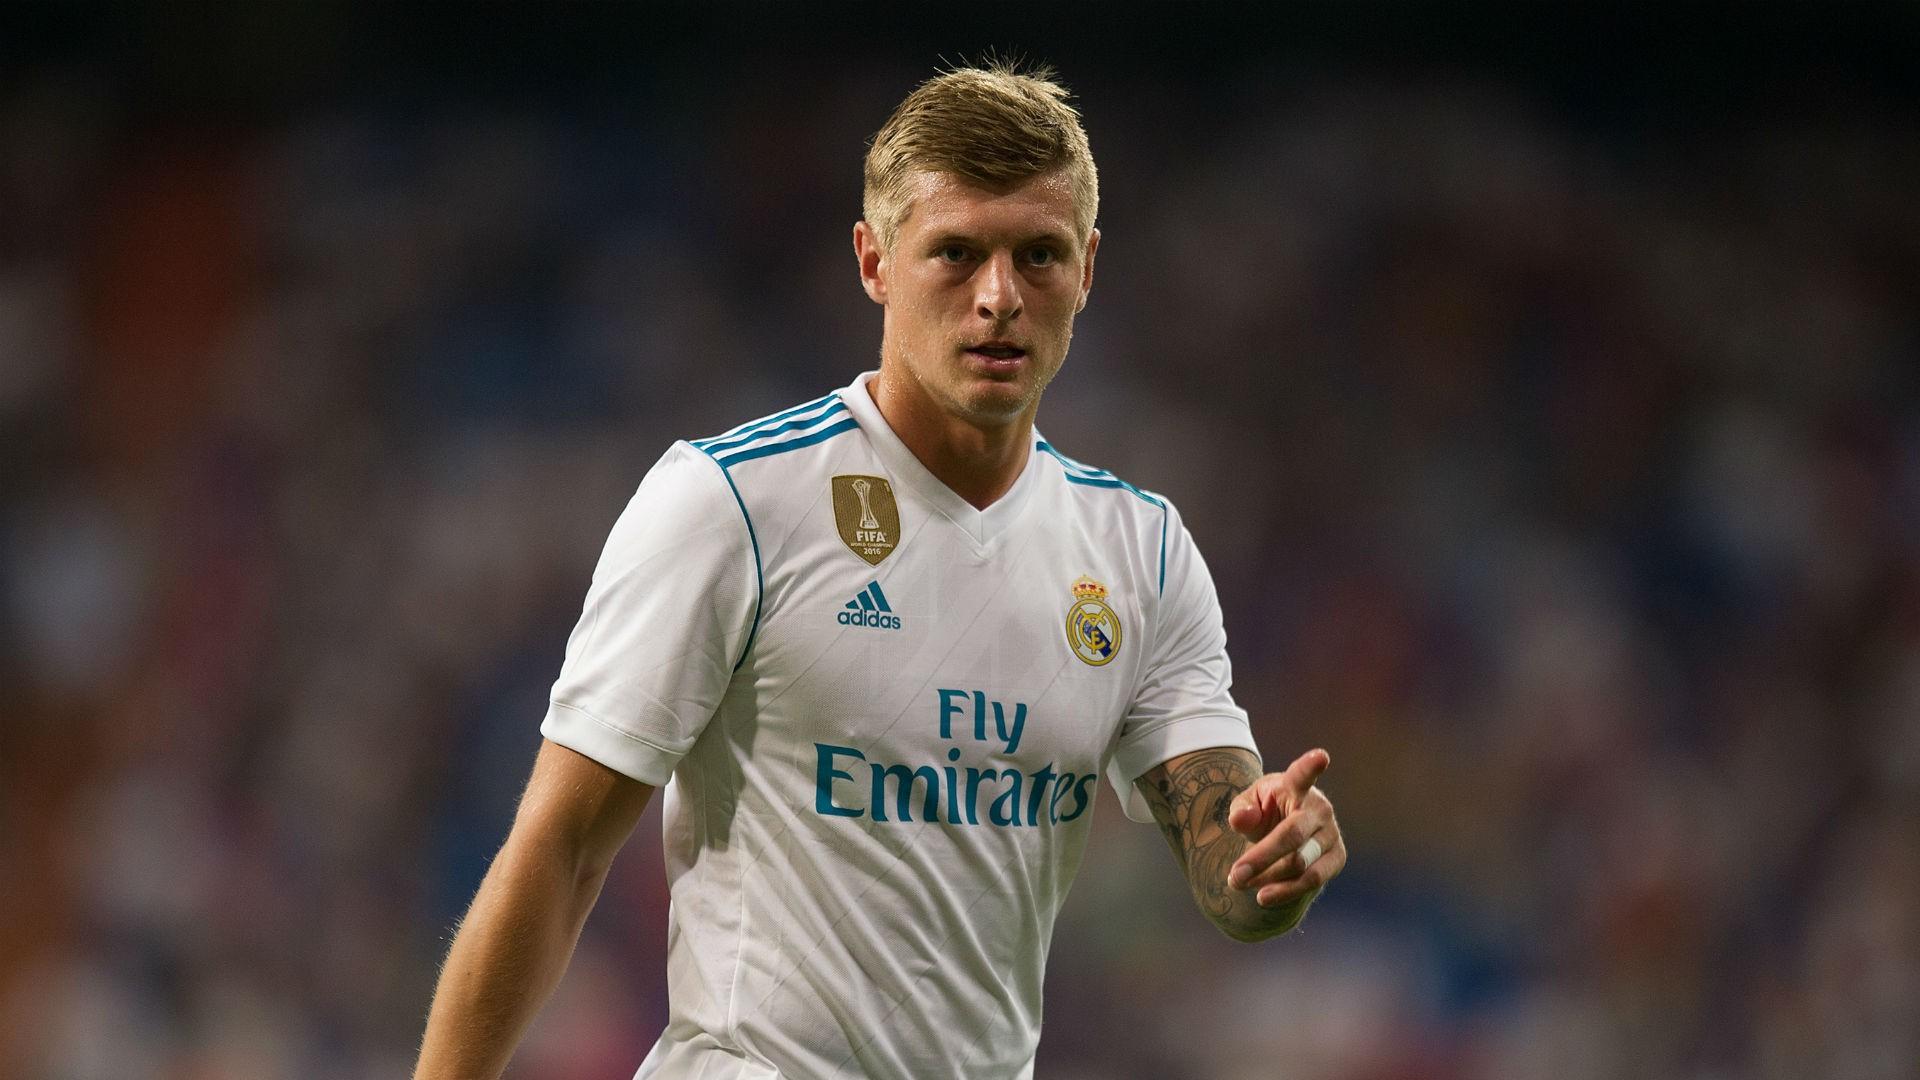 Nhận định bóng đá trận Real Madrid - Real Sociedad  diễn ra vào 02h45 ngày 11/02 với tỷ lệ kèo, thống kê, và dự đoán của chuyên gia được cập nhật tại đây.